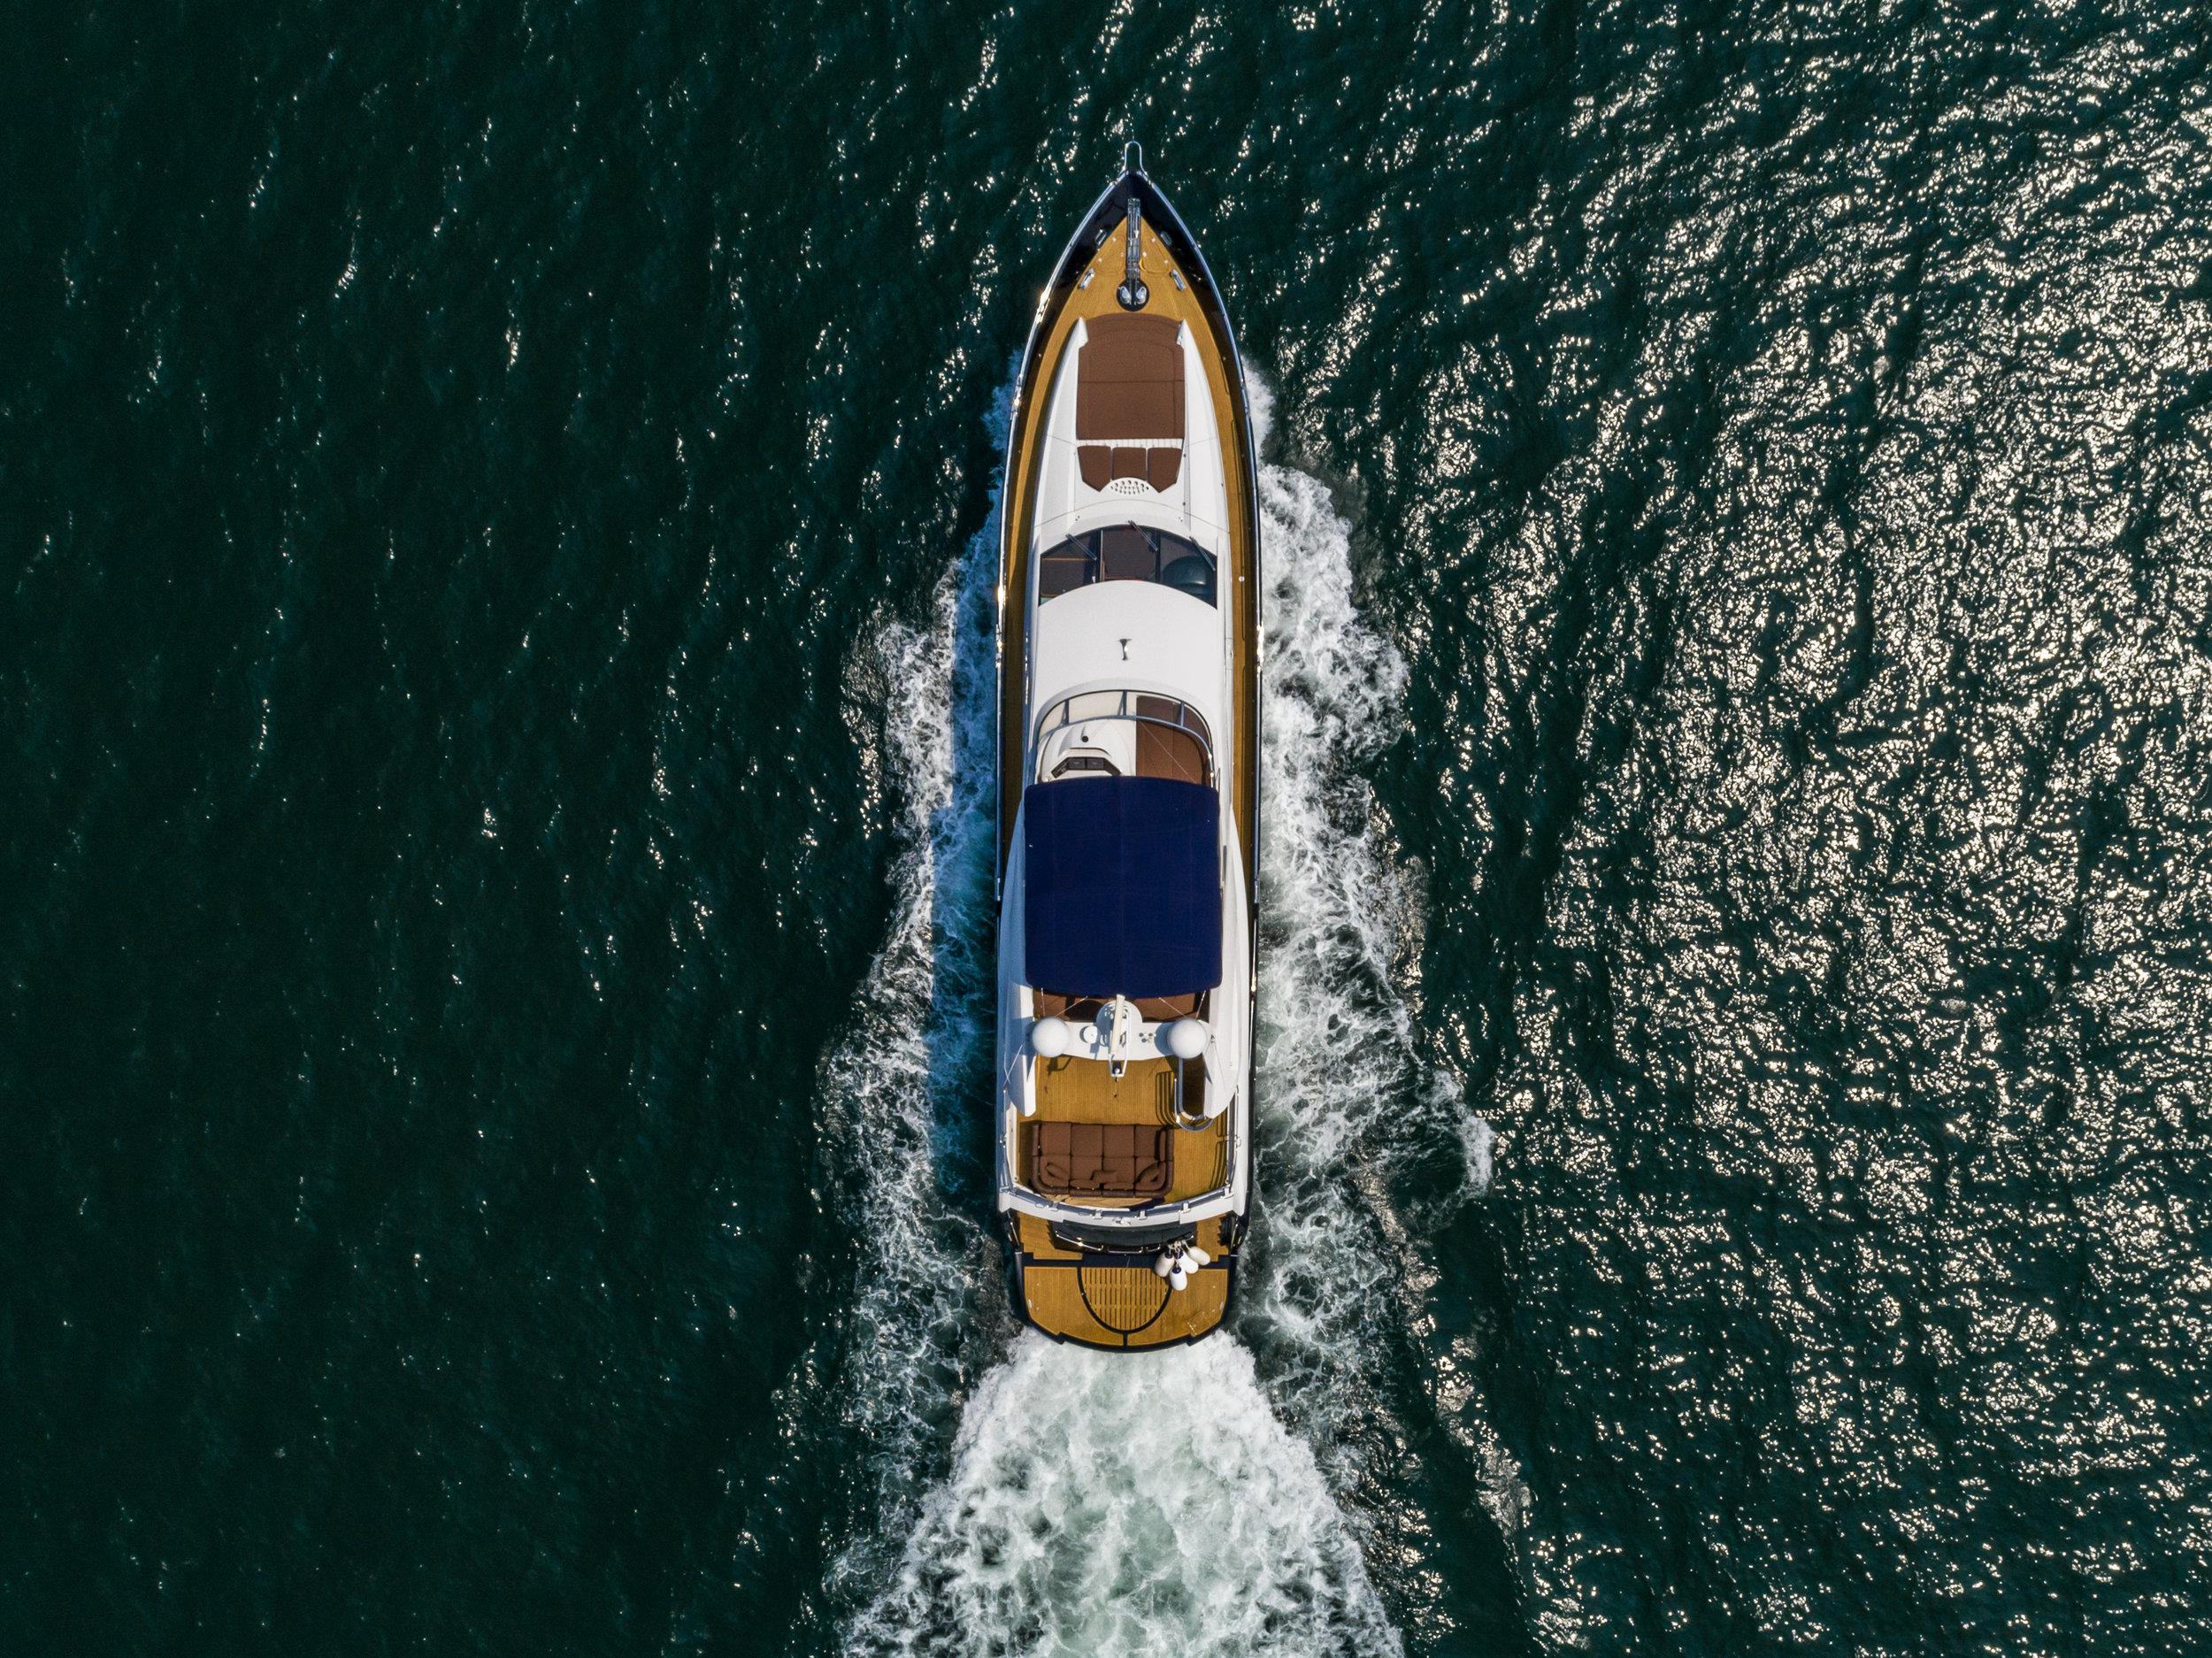 Sunseeker Yacht, Hong Kong